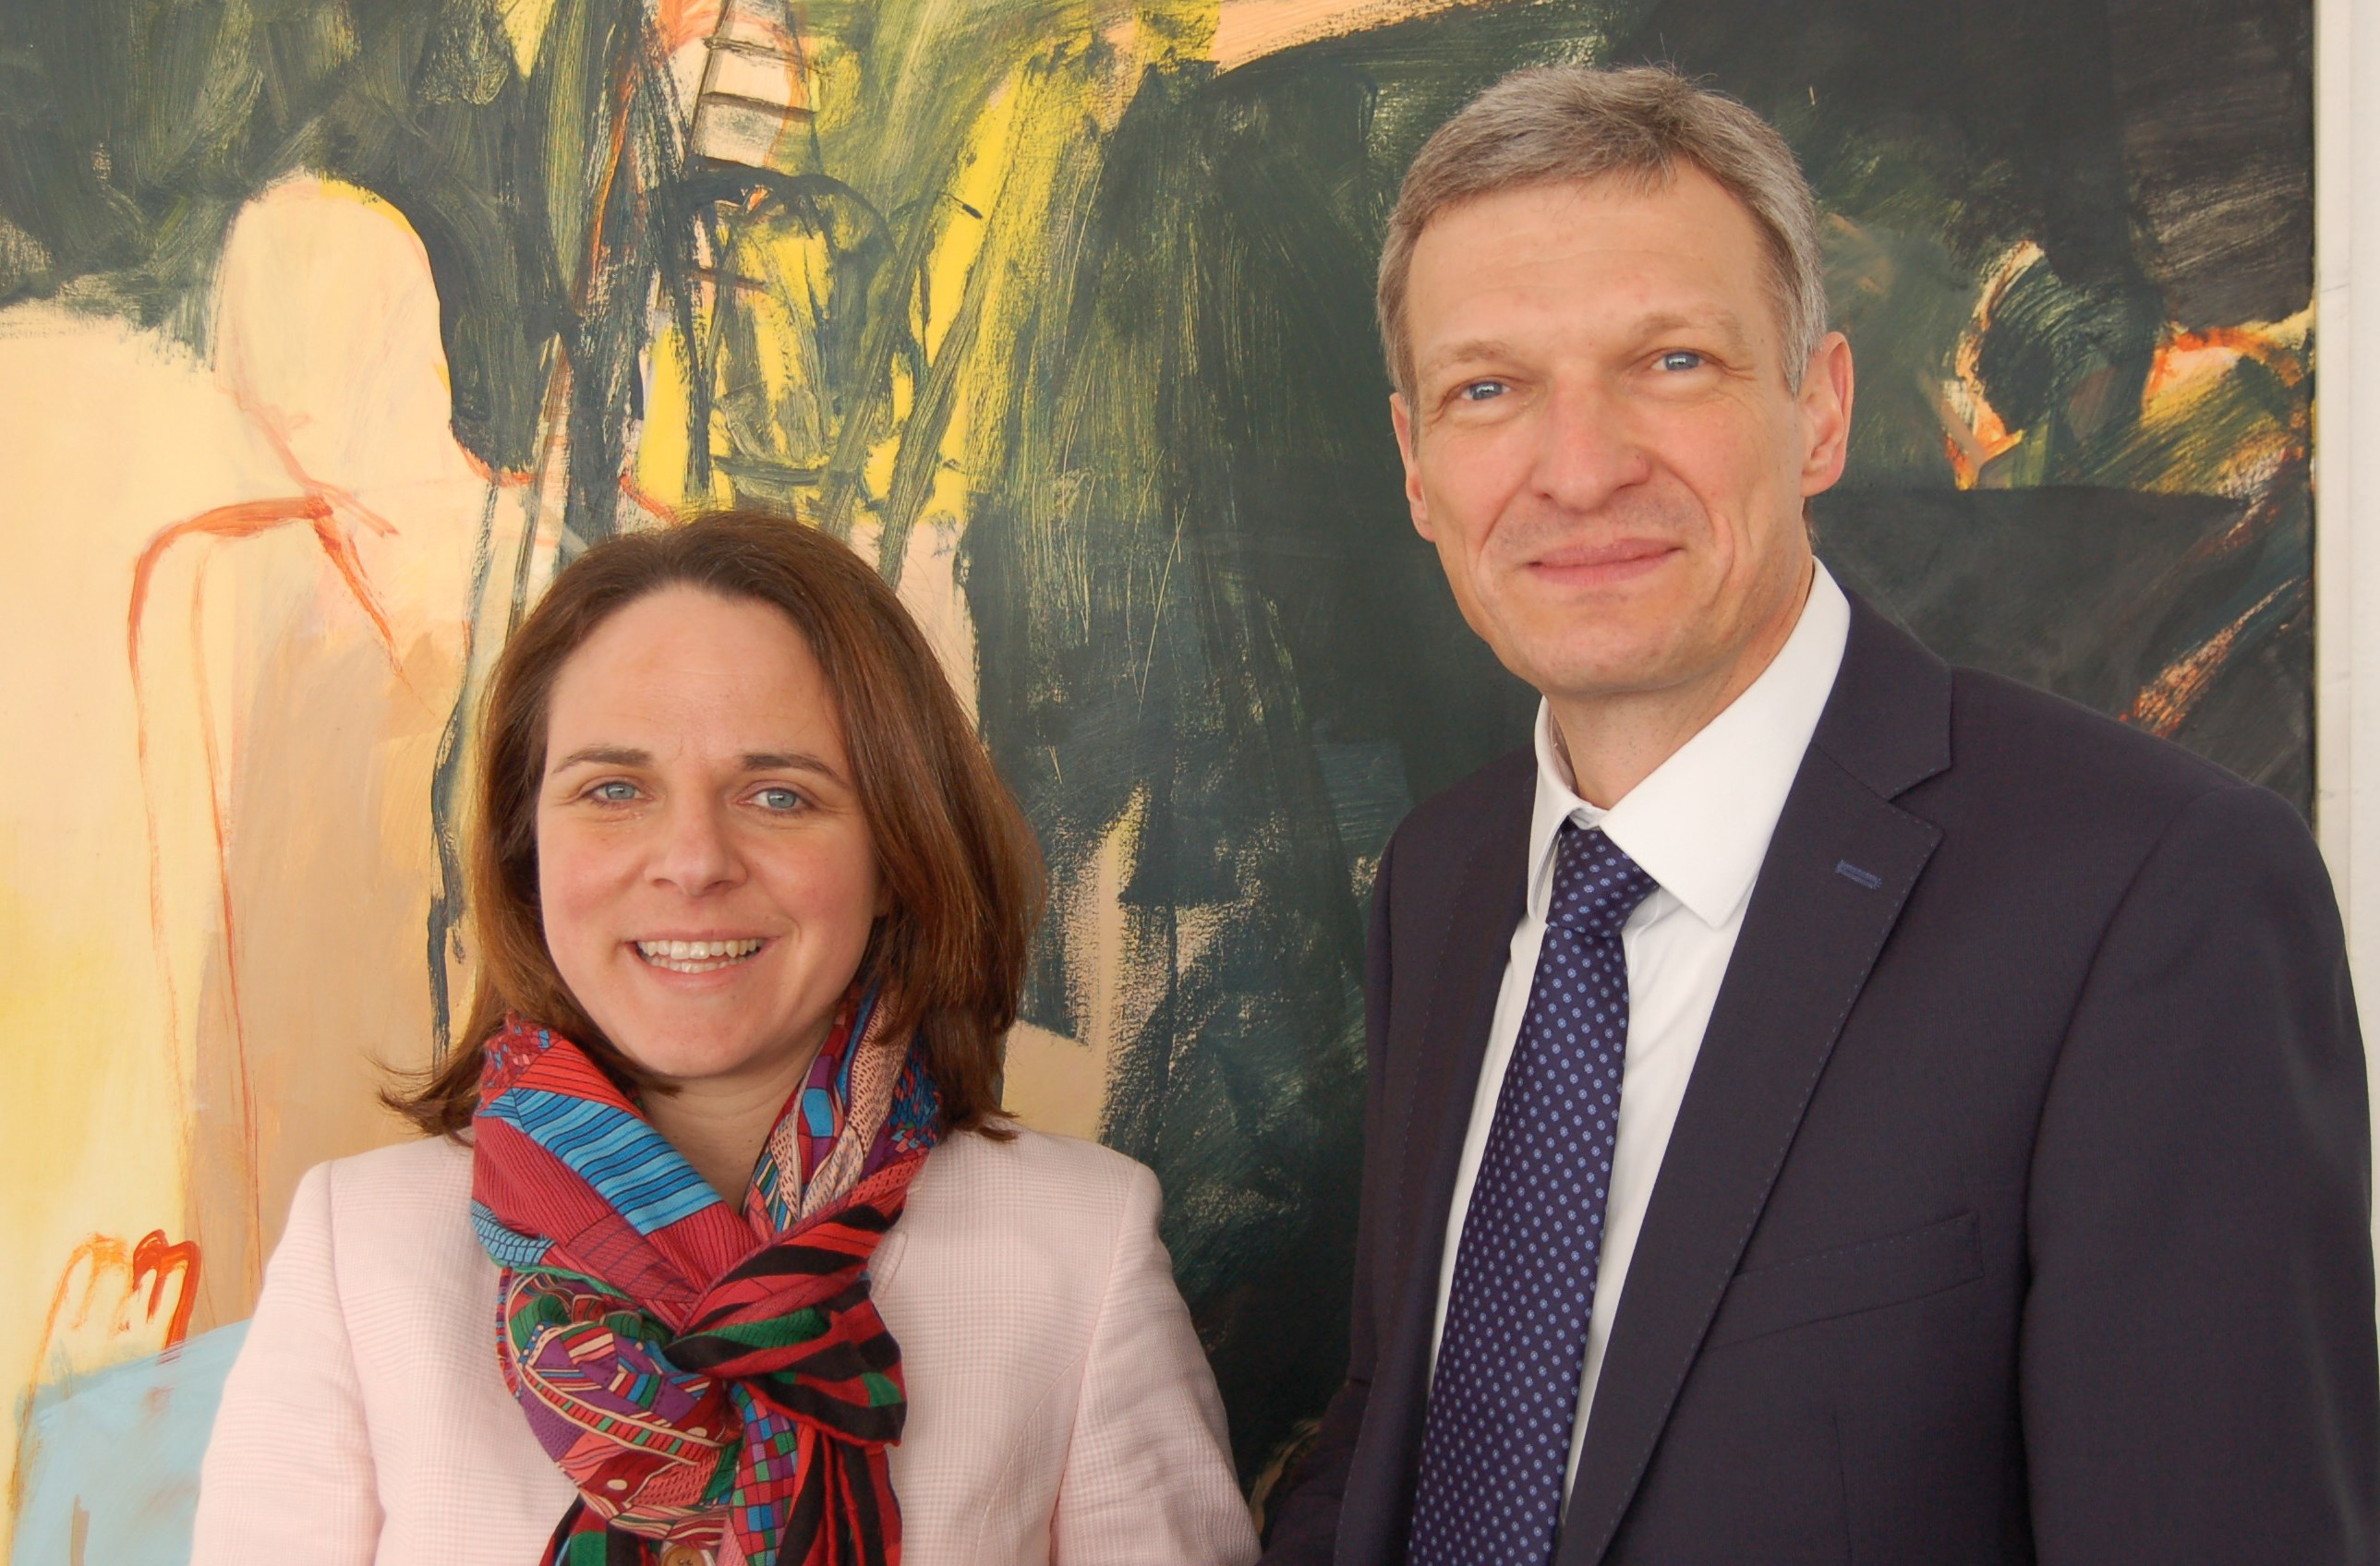 (de g. à dr.) Corinne Cahen, Ministerin für die Großregion; Stephan Toscani, saarländischer Minister für Finanzen und Europa